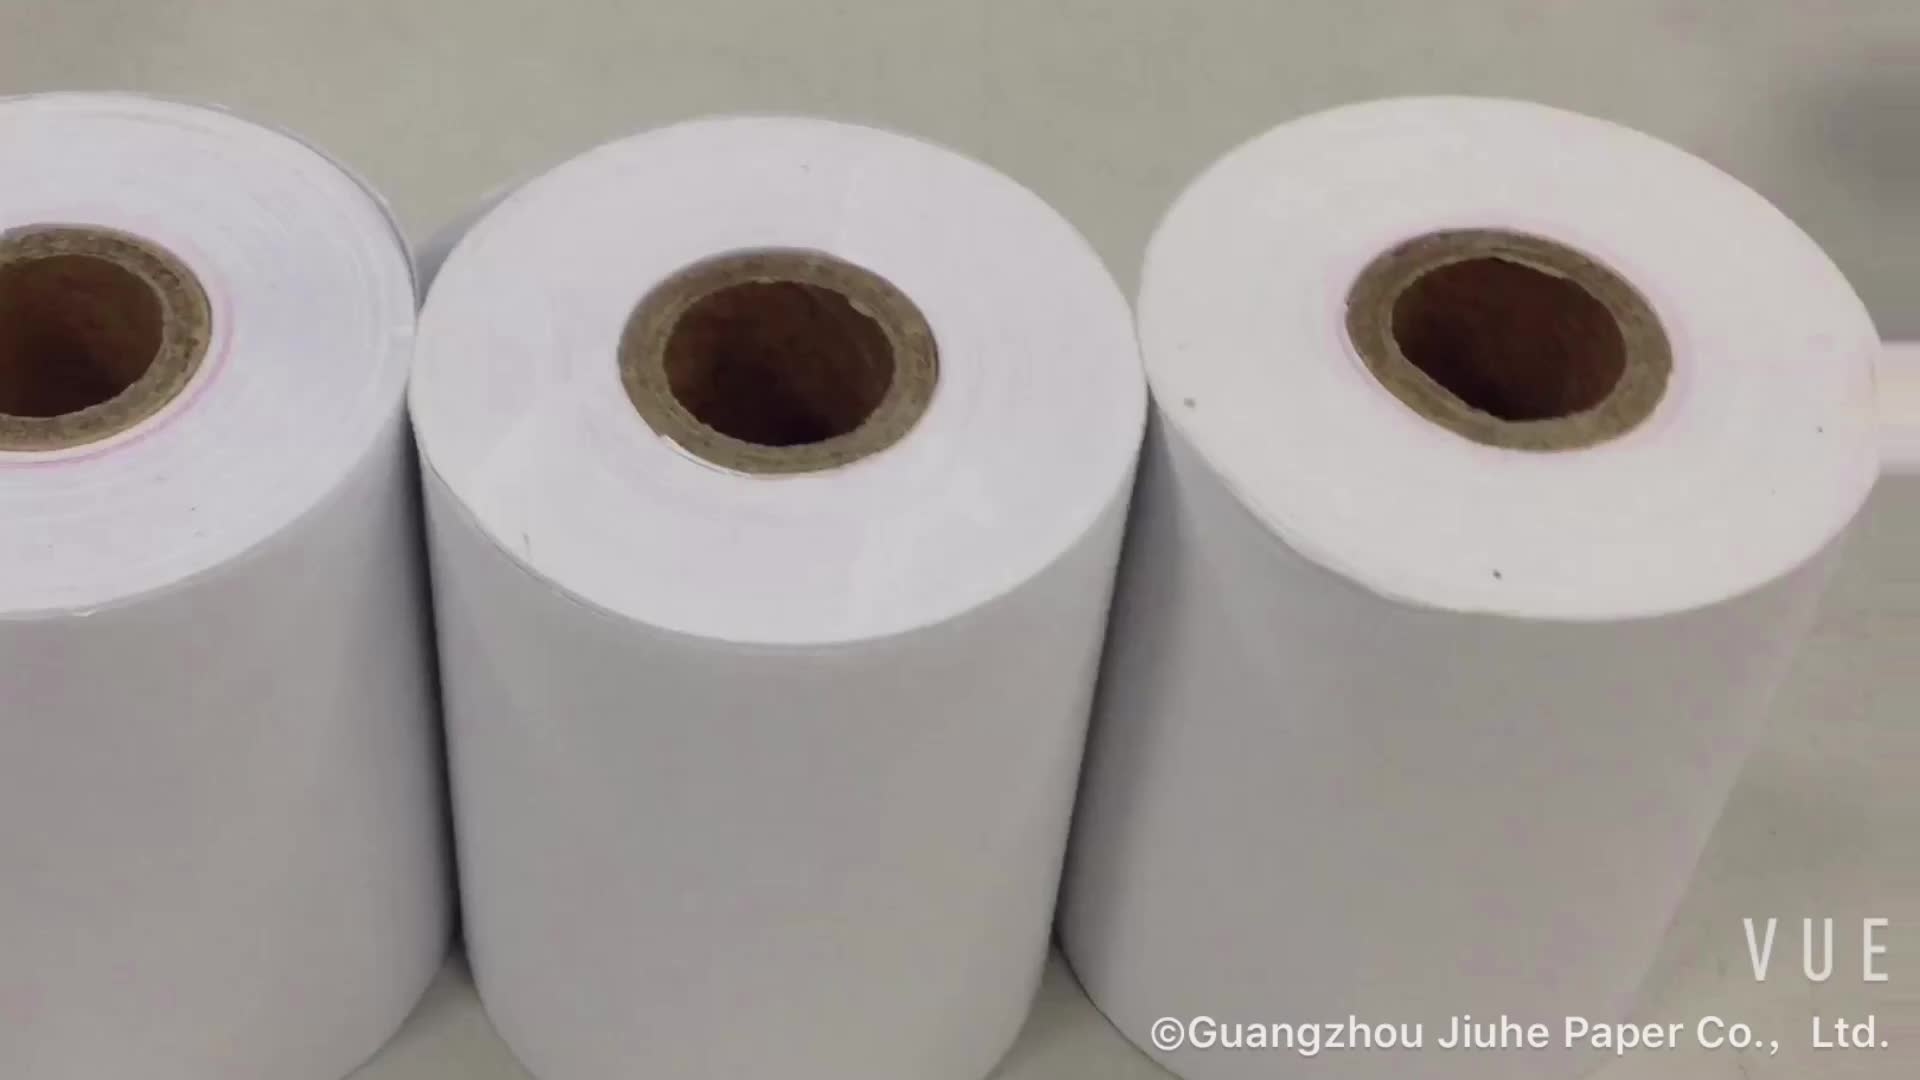 Jumbo rolo de papel térmico/cópia do recibo de aluguel/papel de transferência de calor para as notas de banco